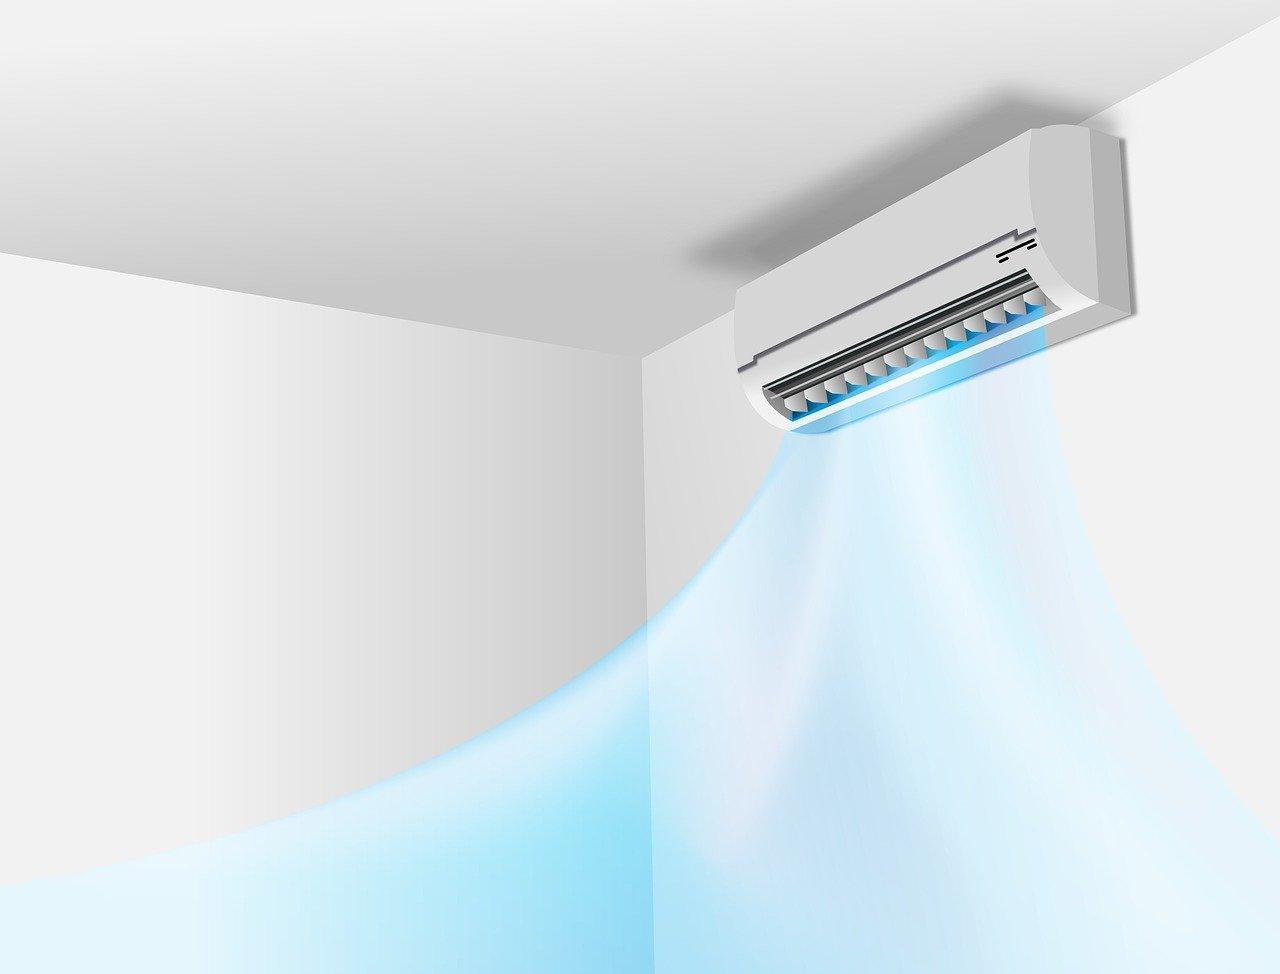 climatiseur maison comment faire quand on ne peut en installer chez soi